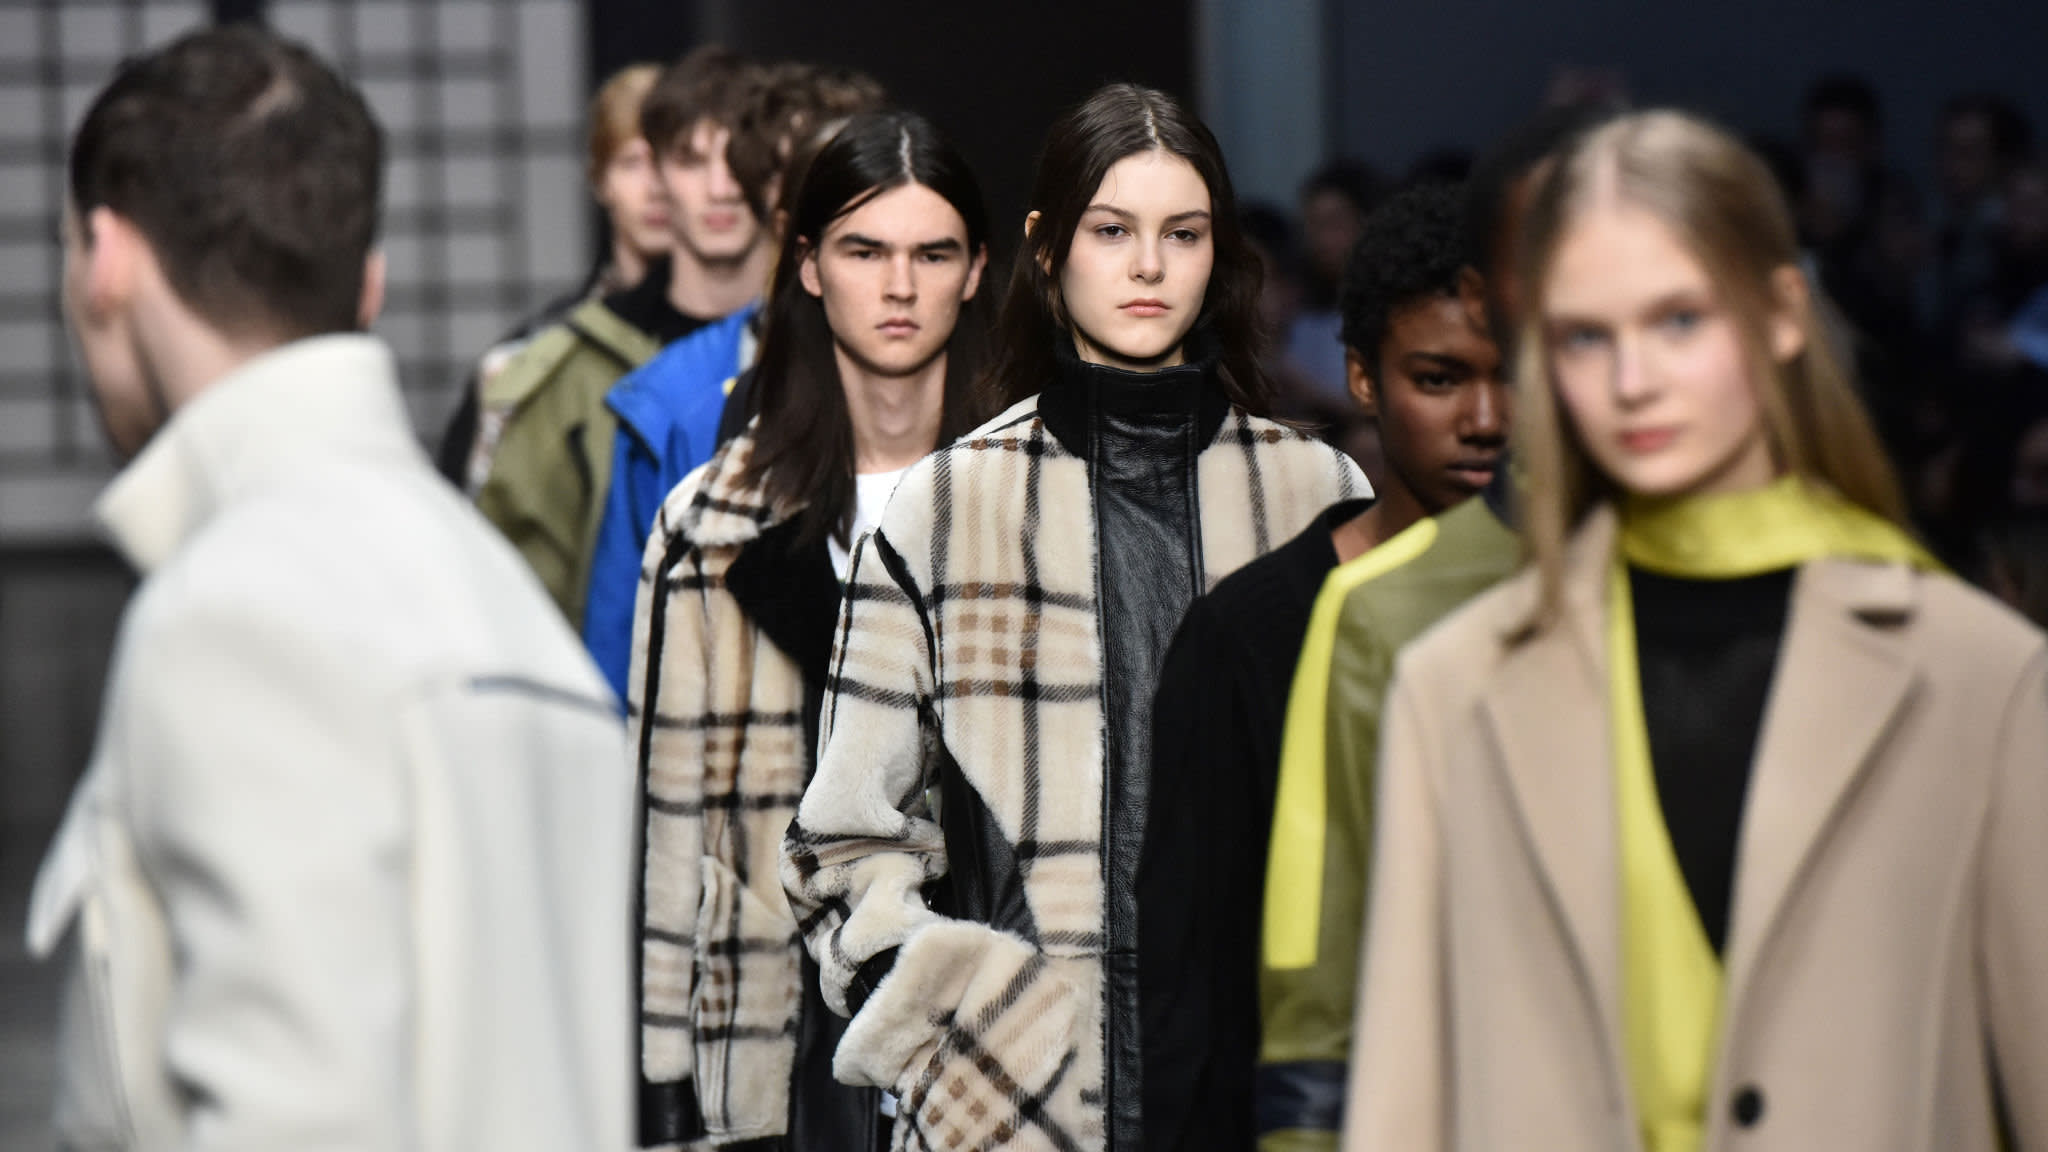 Die Qualität belgischer Modedesigns: Ruhm in der Modebranche!